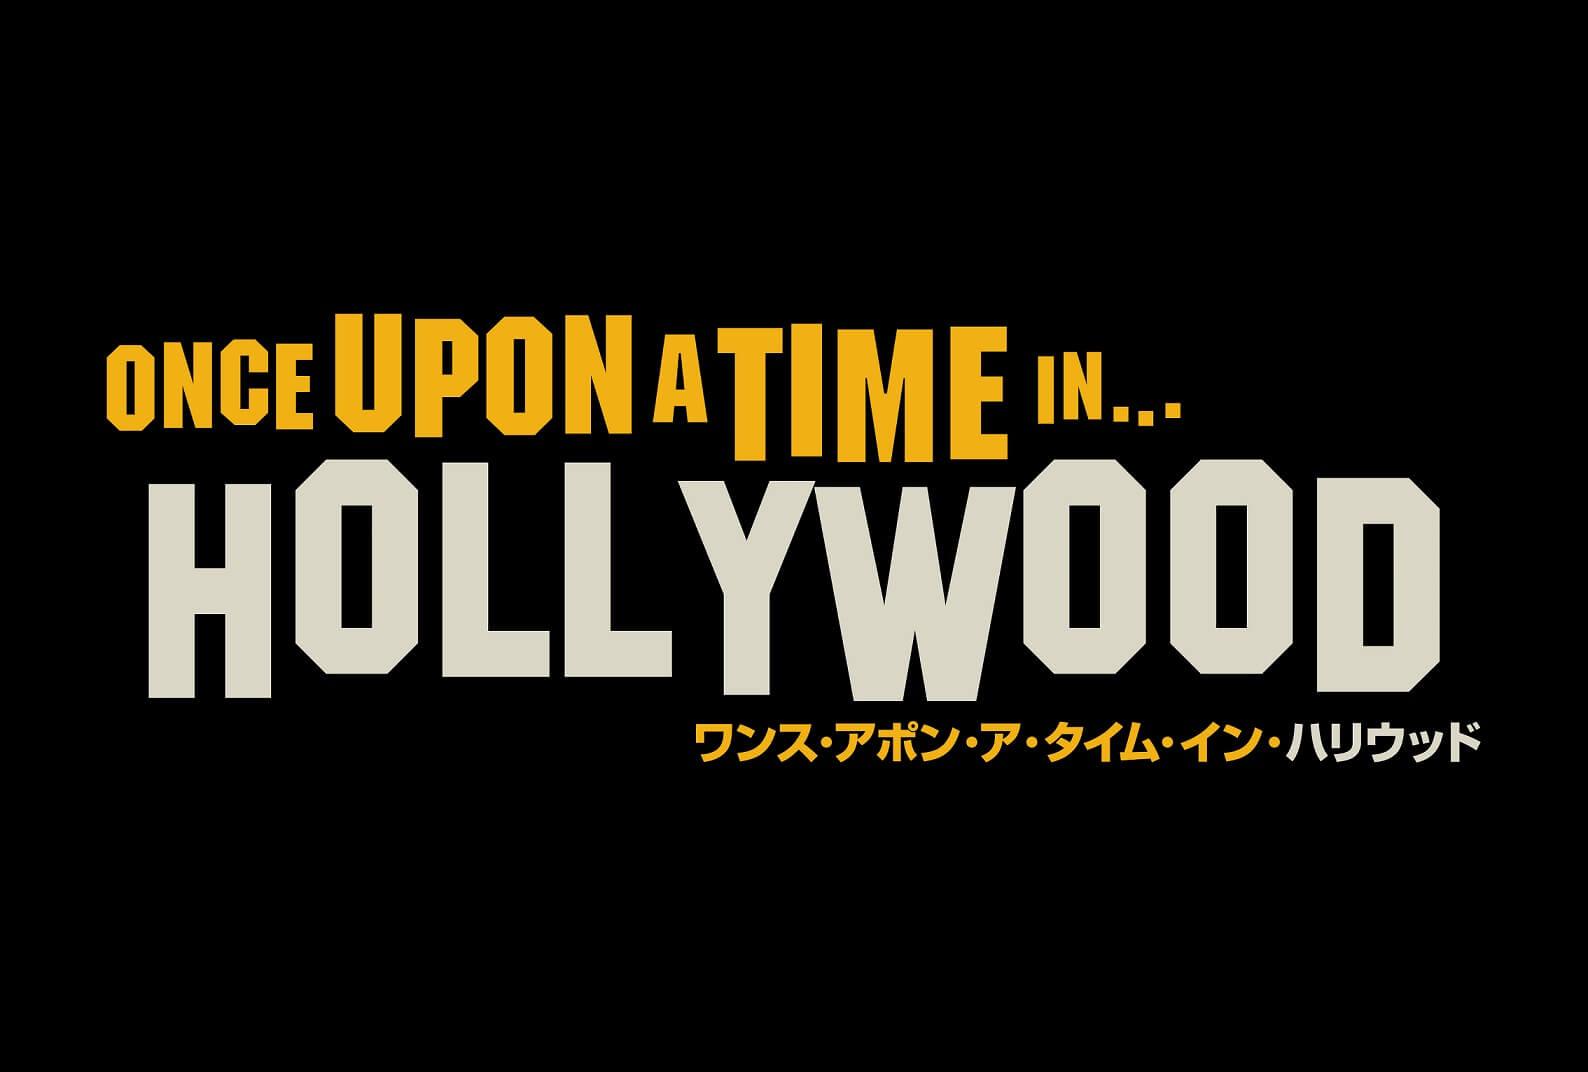 """世界中で大ヒット""""ワンハリ""""がついにブルーレイ&DVDに!『ワンス・イン・ア・タイム・イン・ハリウッド』タランティーノ監督のインタビューも公開 film_191129_onceuponatime_4"""